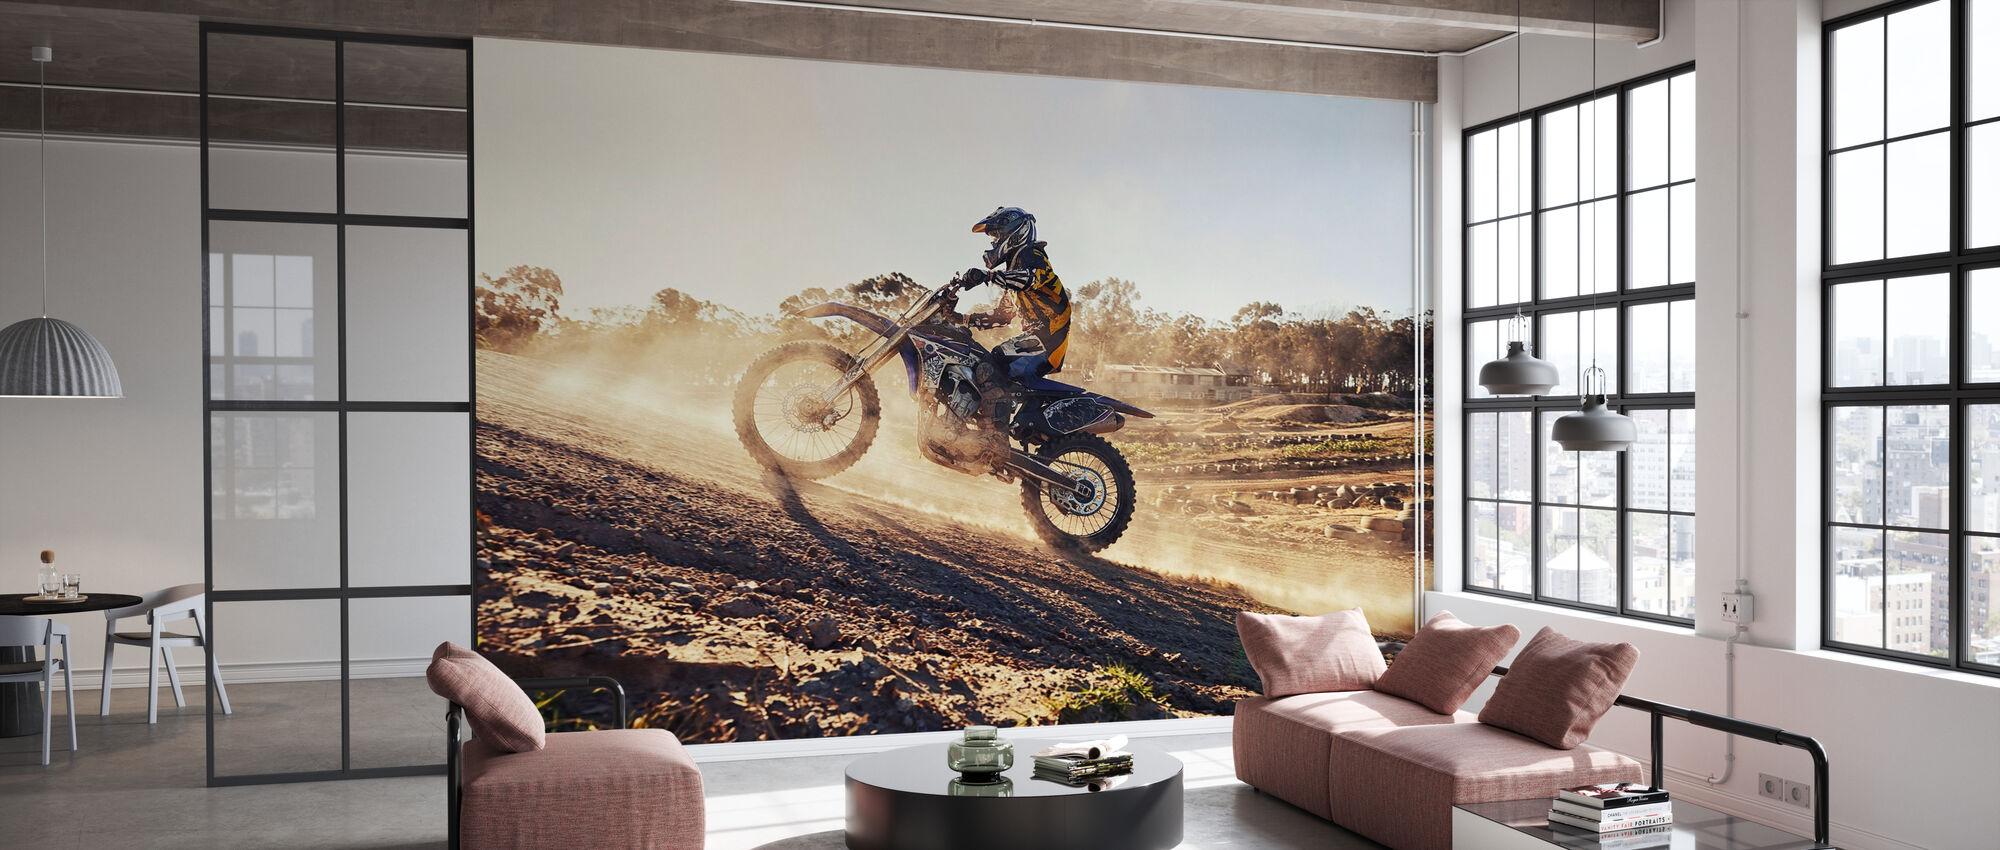 Rising - Wallpaper - Office